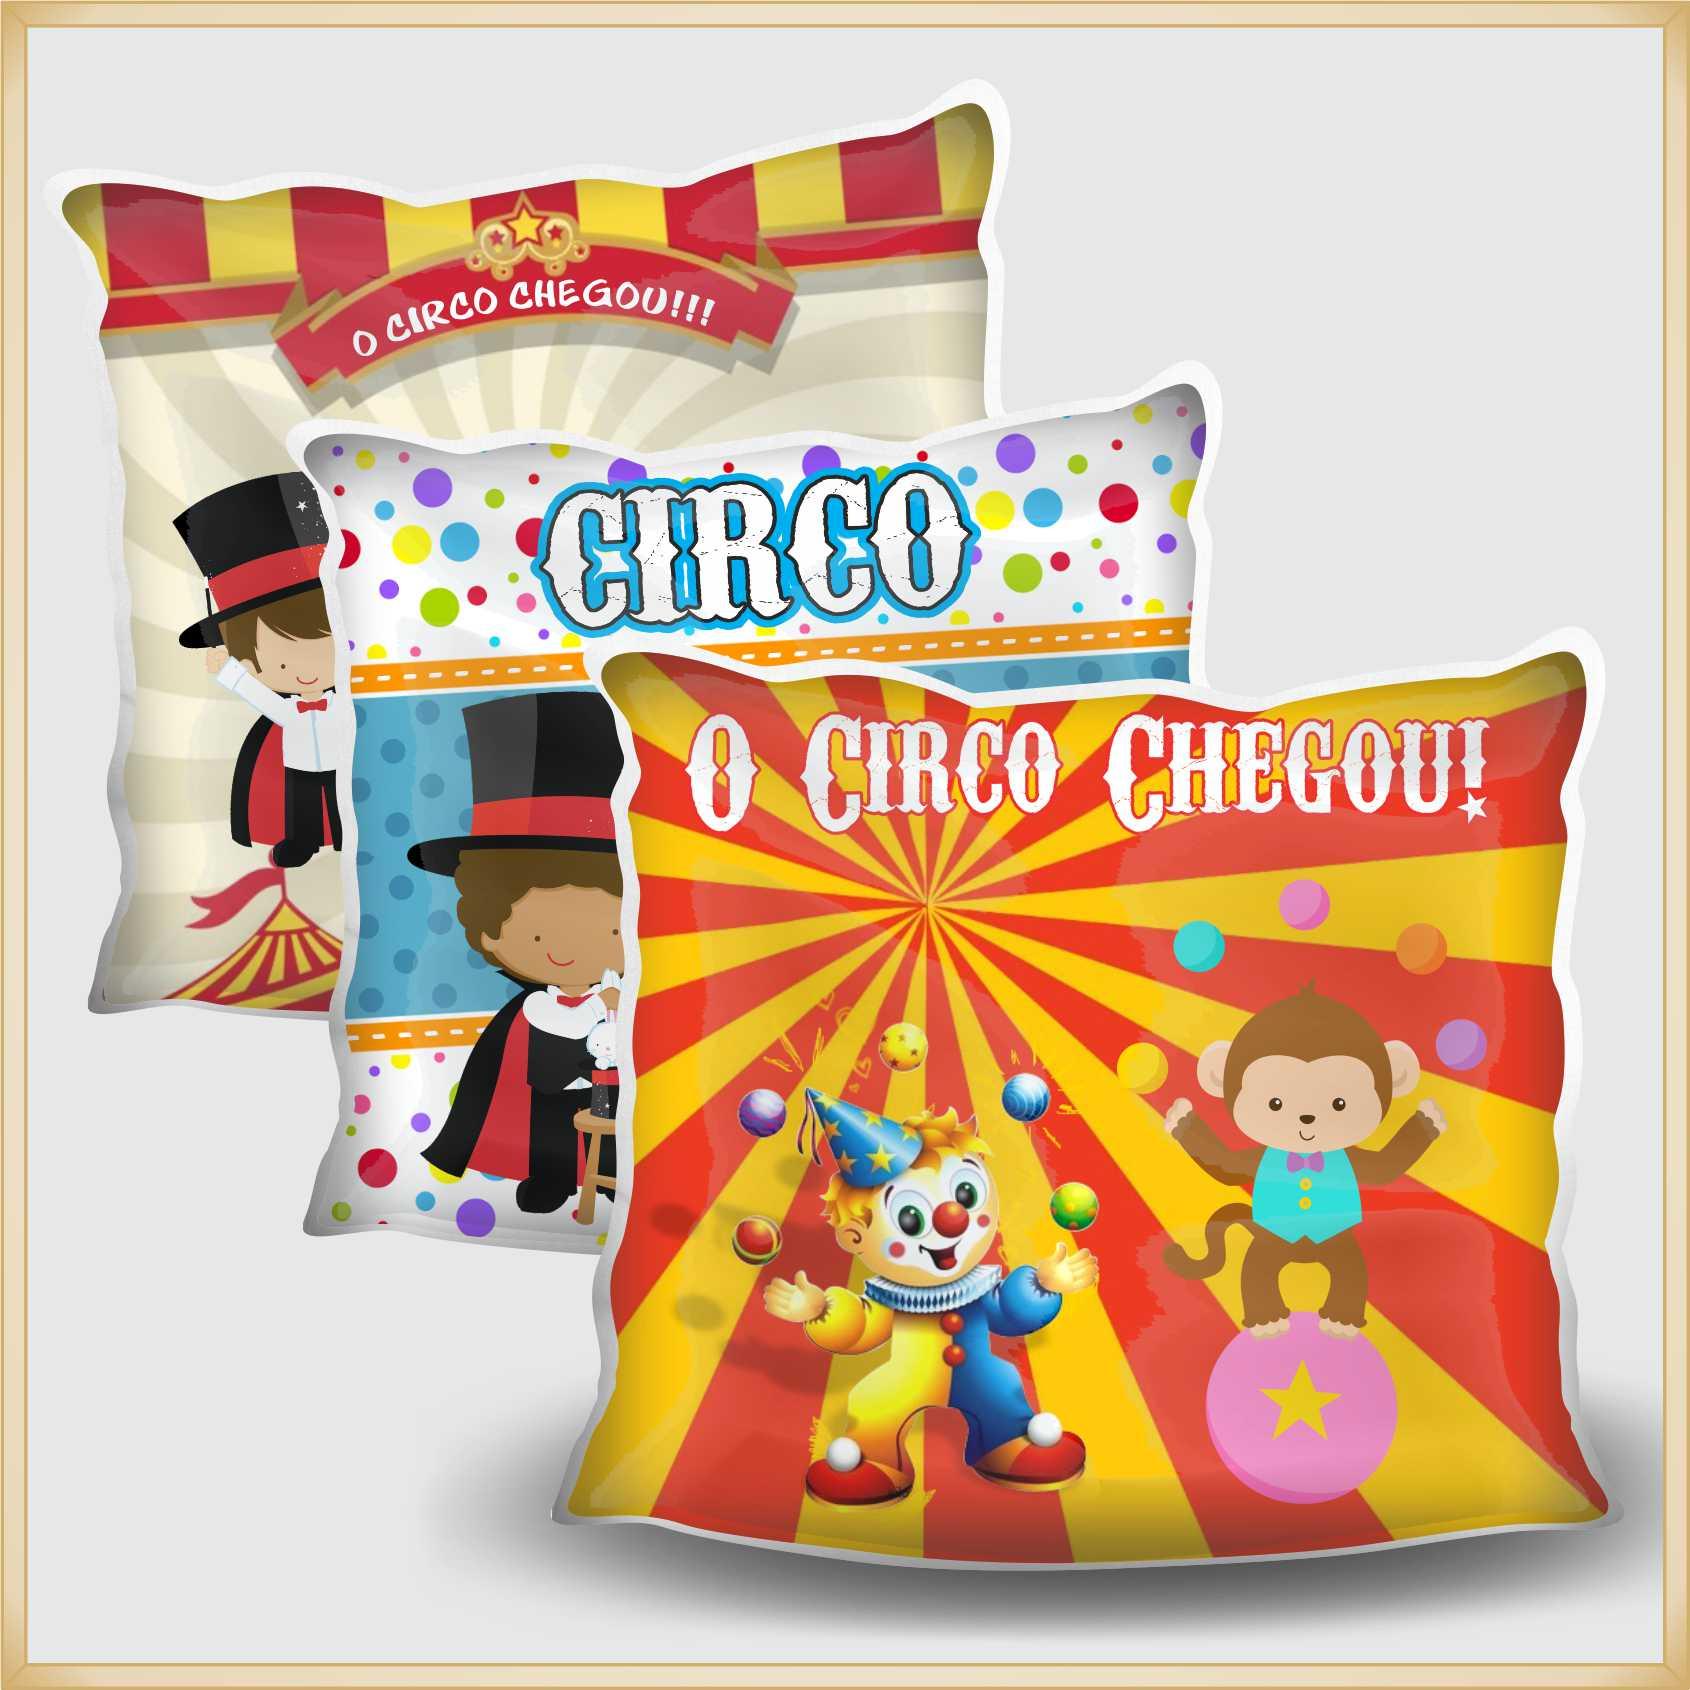 Almofadas Coloridas Infantil Personalizadas Lembrancinhas para festa Aniversário Brinde para Crianças - Kit com 10 unidades